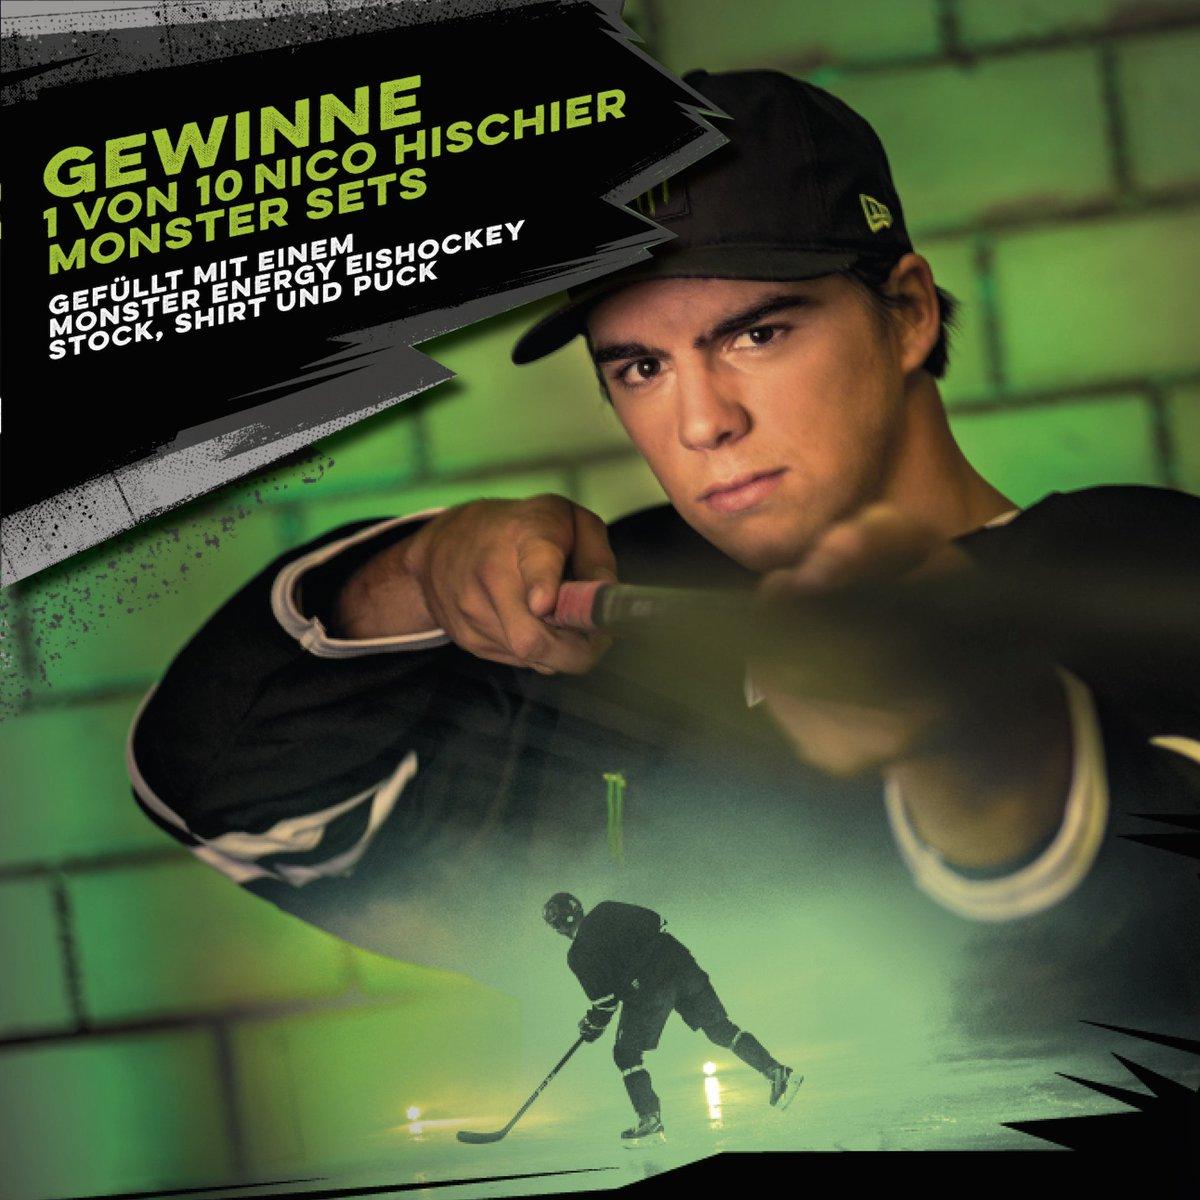 d34b839b5 Nico Hischier @nicohischierHey ! Willst du die Chance haben 1 von 10 meiner  @MonsterEnergy Eishockey-Sets zu gewinnen? Mach mit:  https://t.co/t5vUc6jfI5 ...